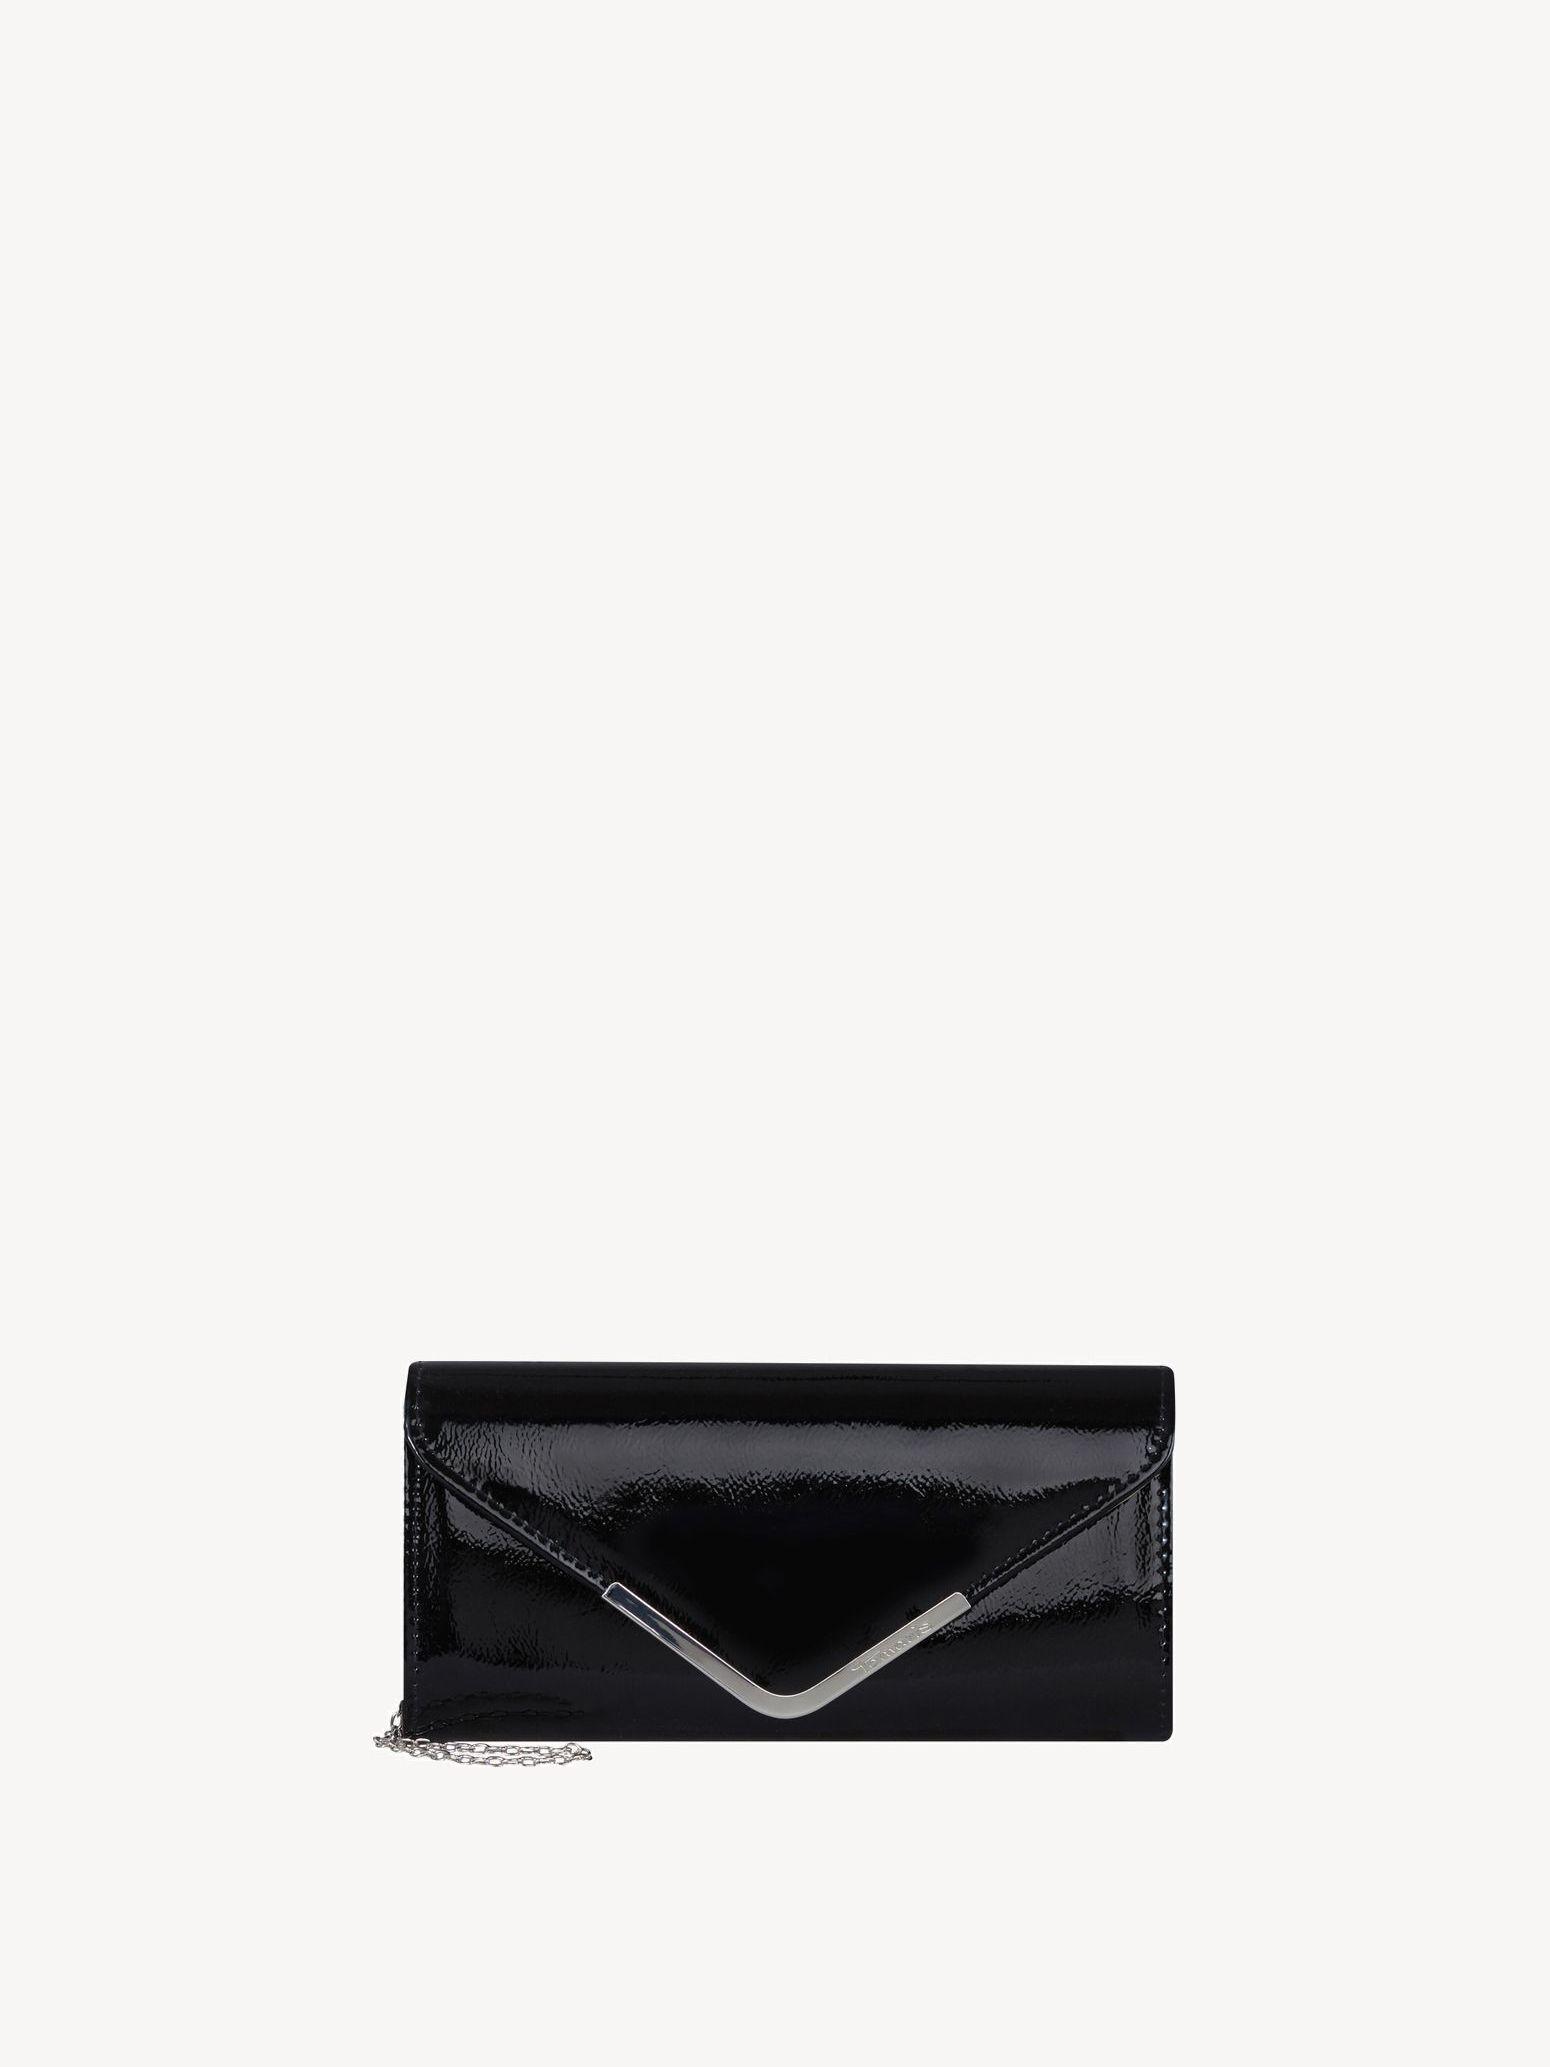 Tamaris Handtaschen: Shopper, Clutches, Rucksäcke und Co